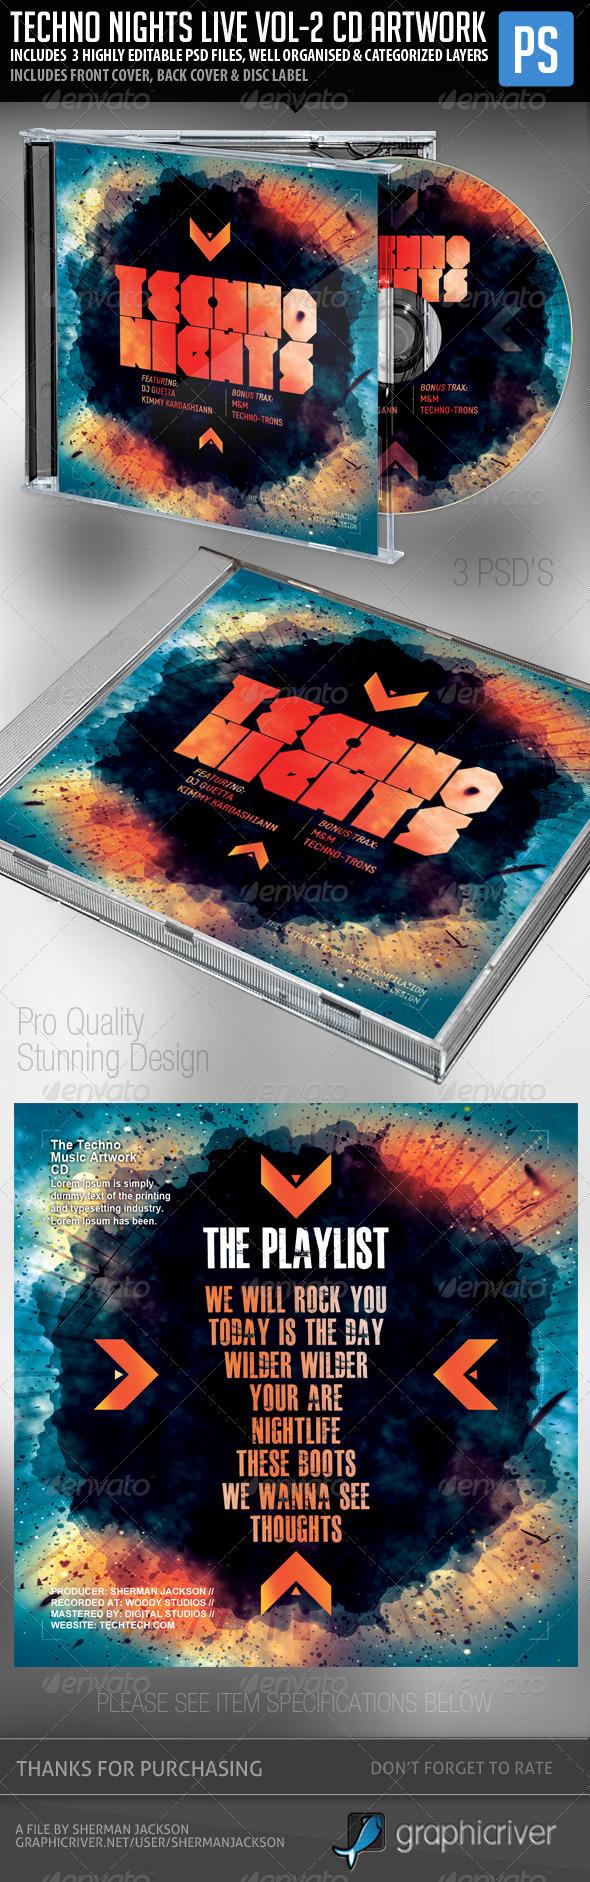 GraphicRiver Techno Nights Live Vol.2 CD Album Artwork 7229432